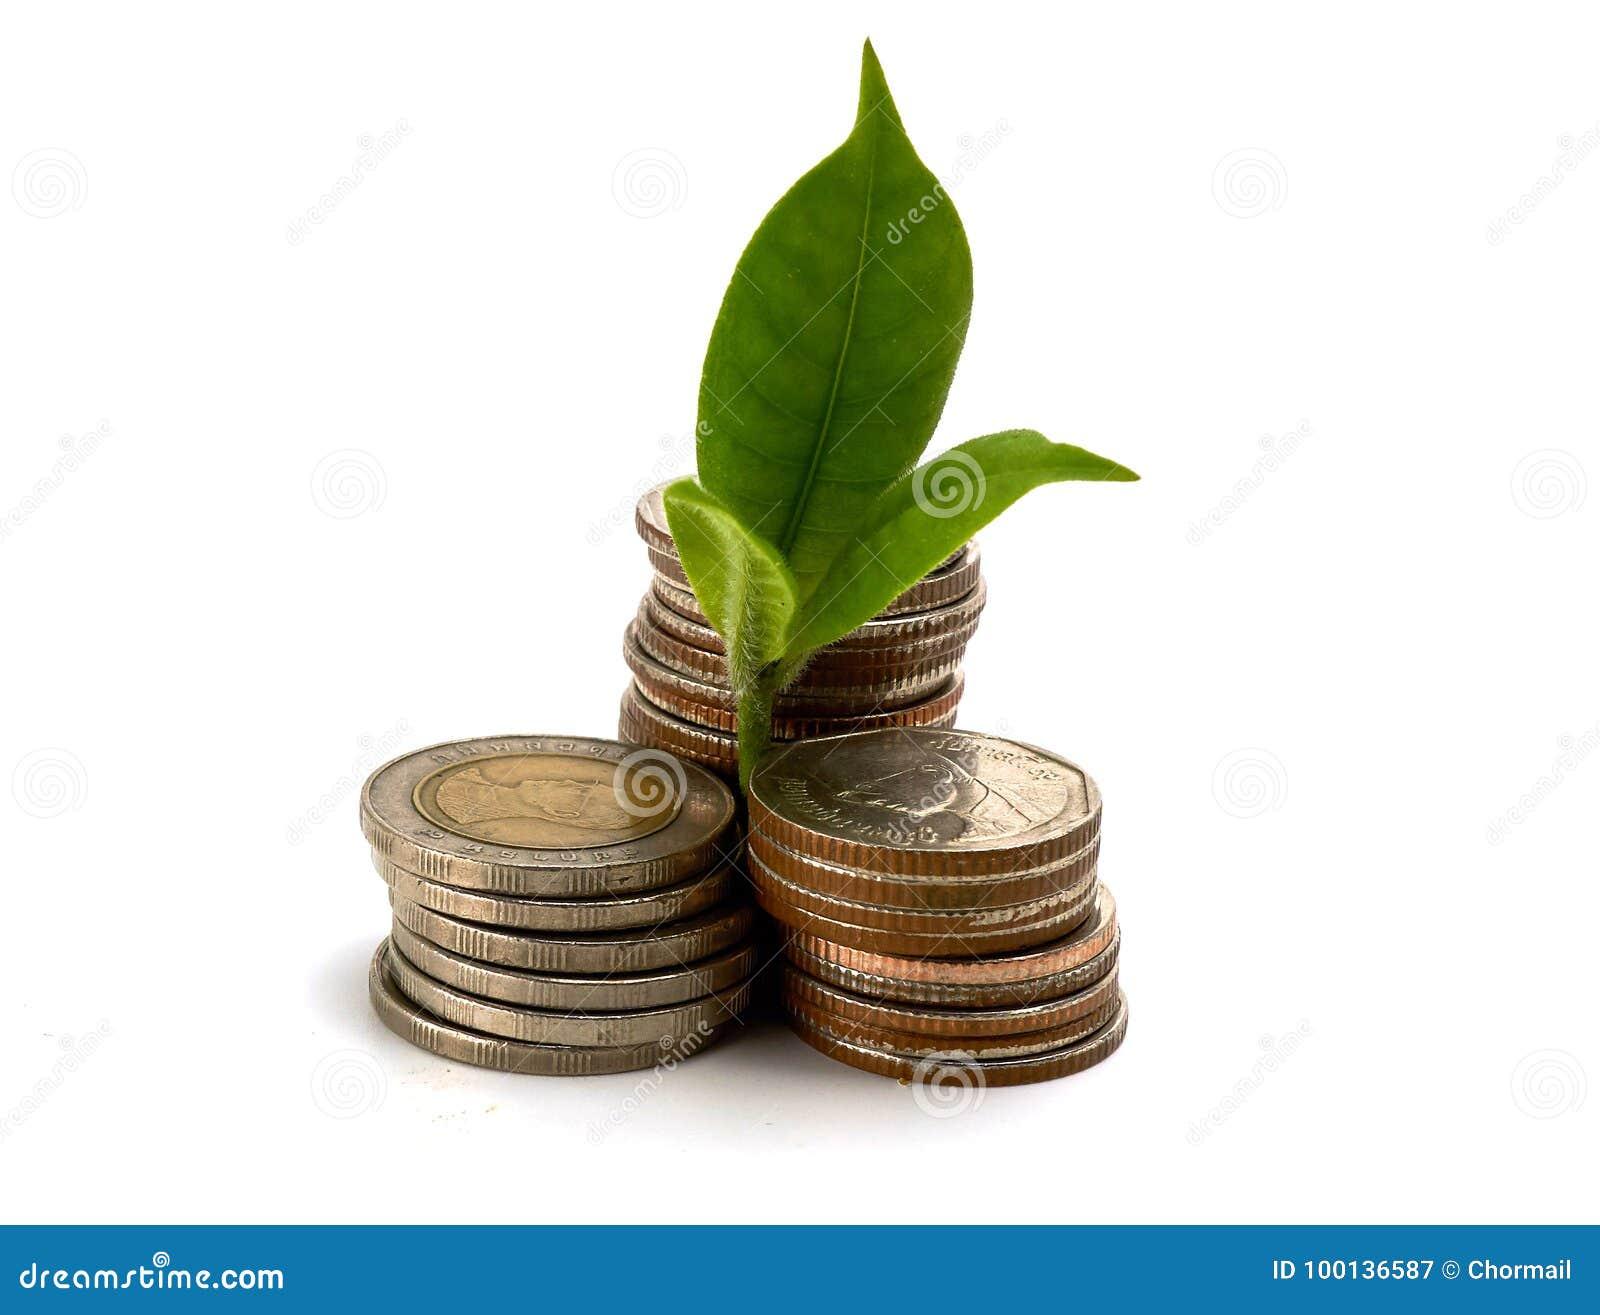 Växa från mynt